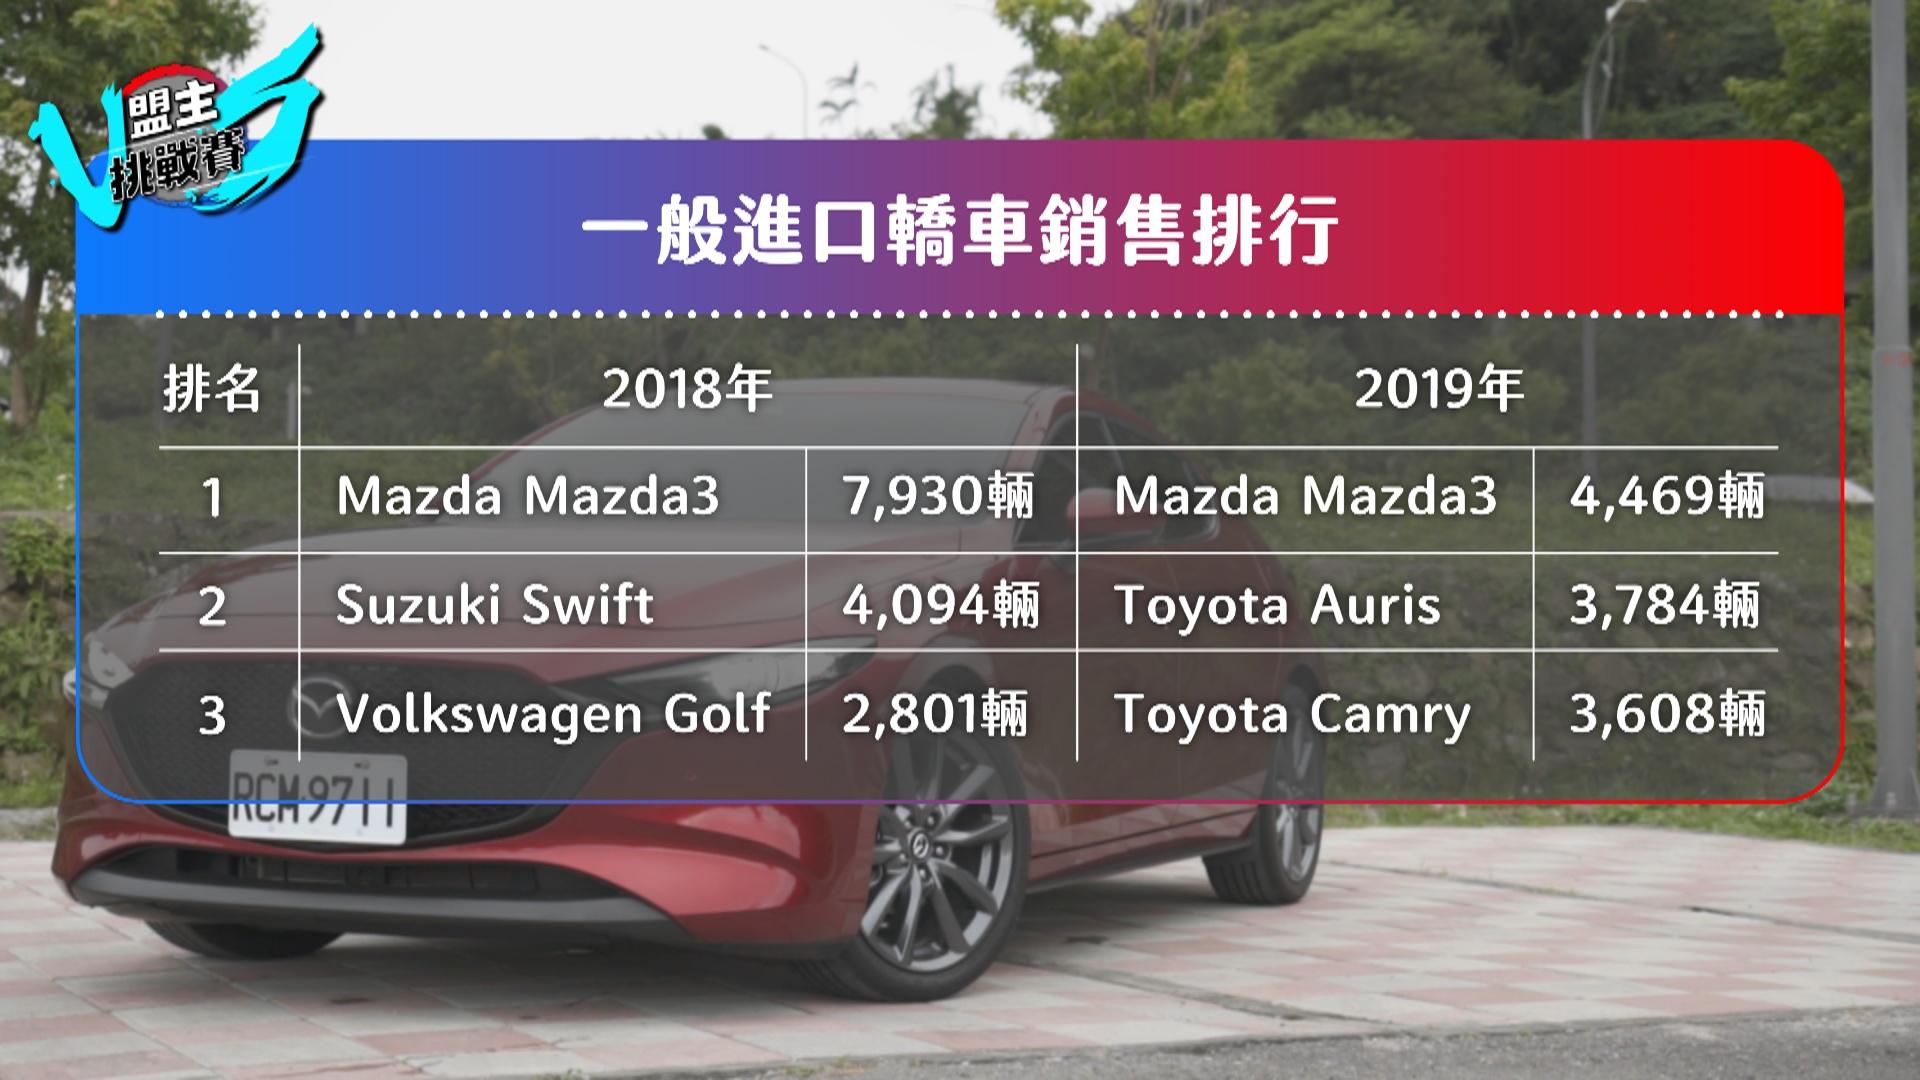 Mazda3 憑藉進口身份國產價格,一直受到消費者的肯定。